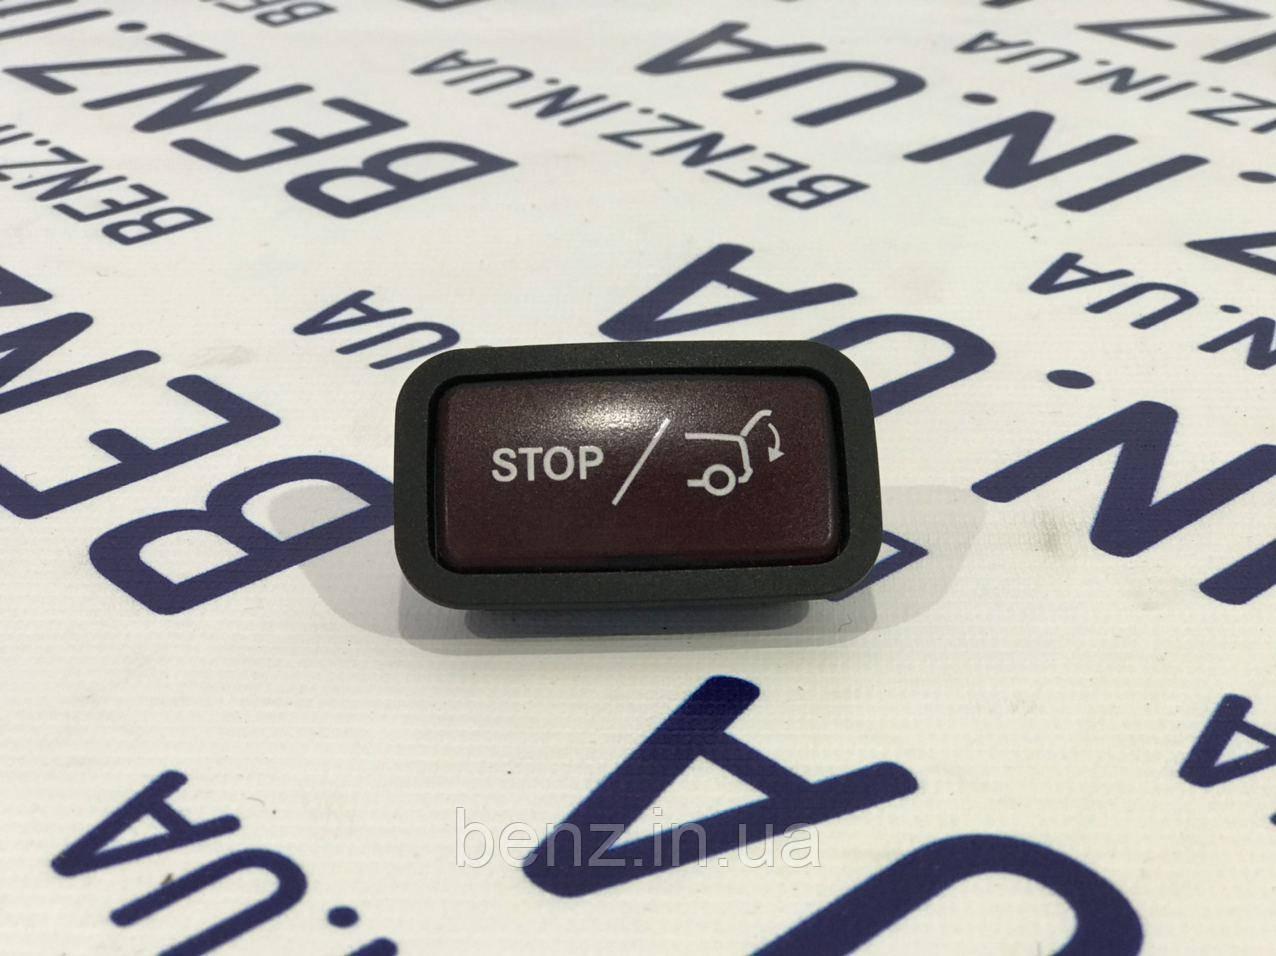 Кнопка элекроподъмника  крышки багажника W212 рестайл A2128210651